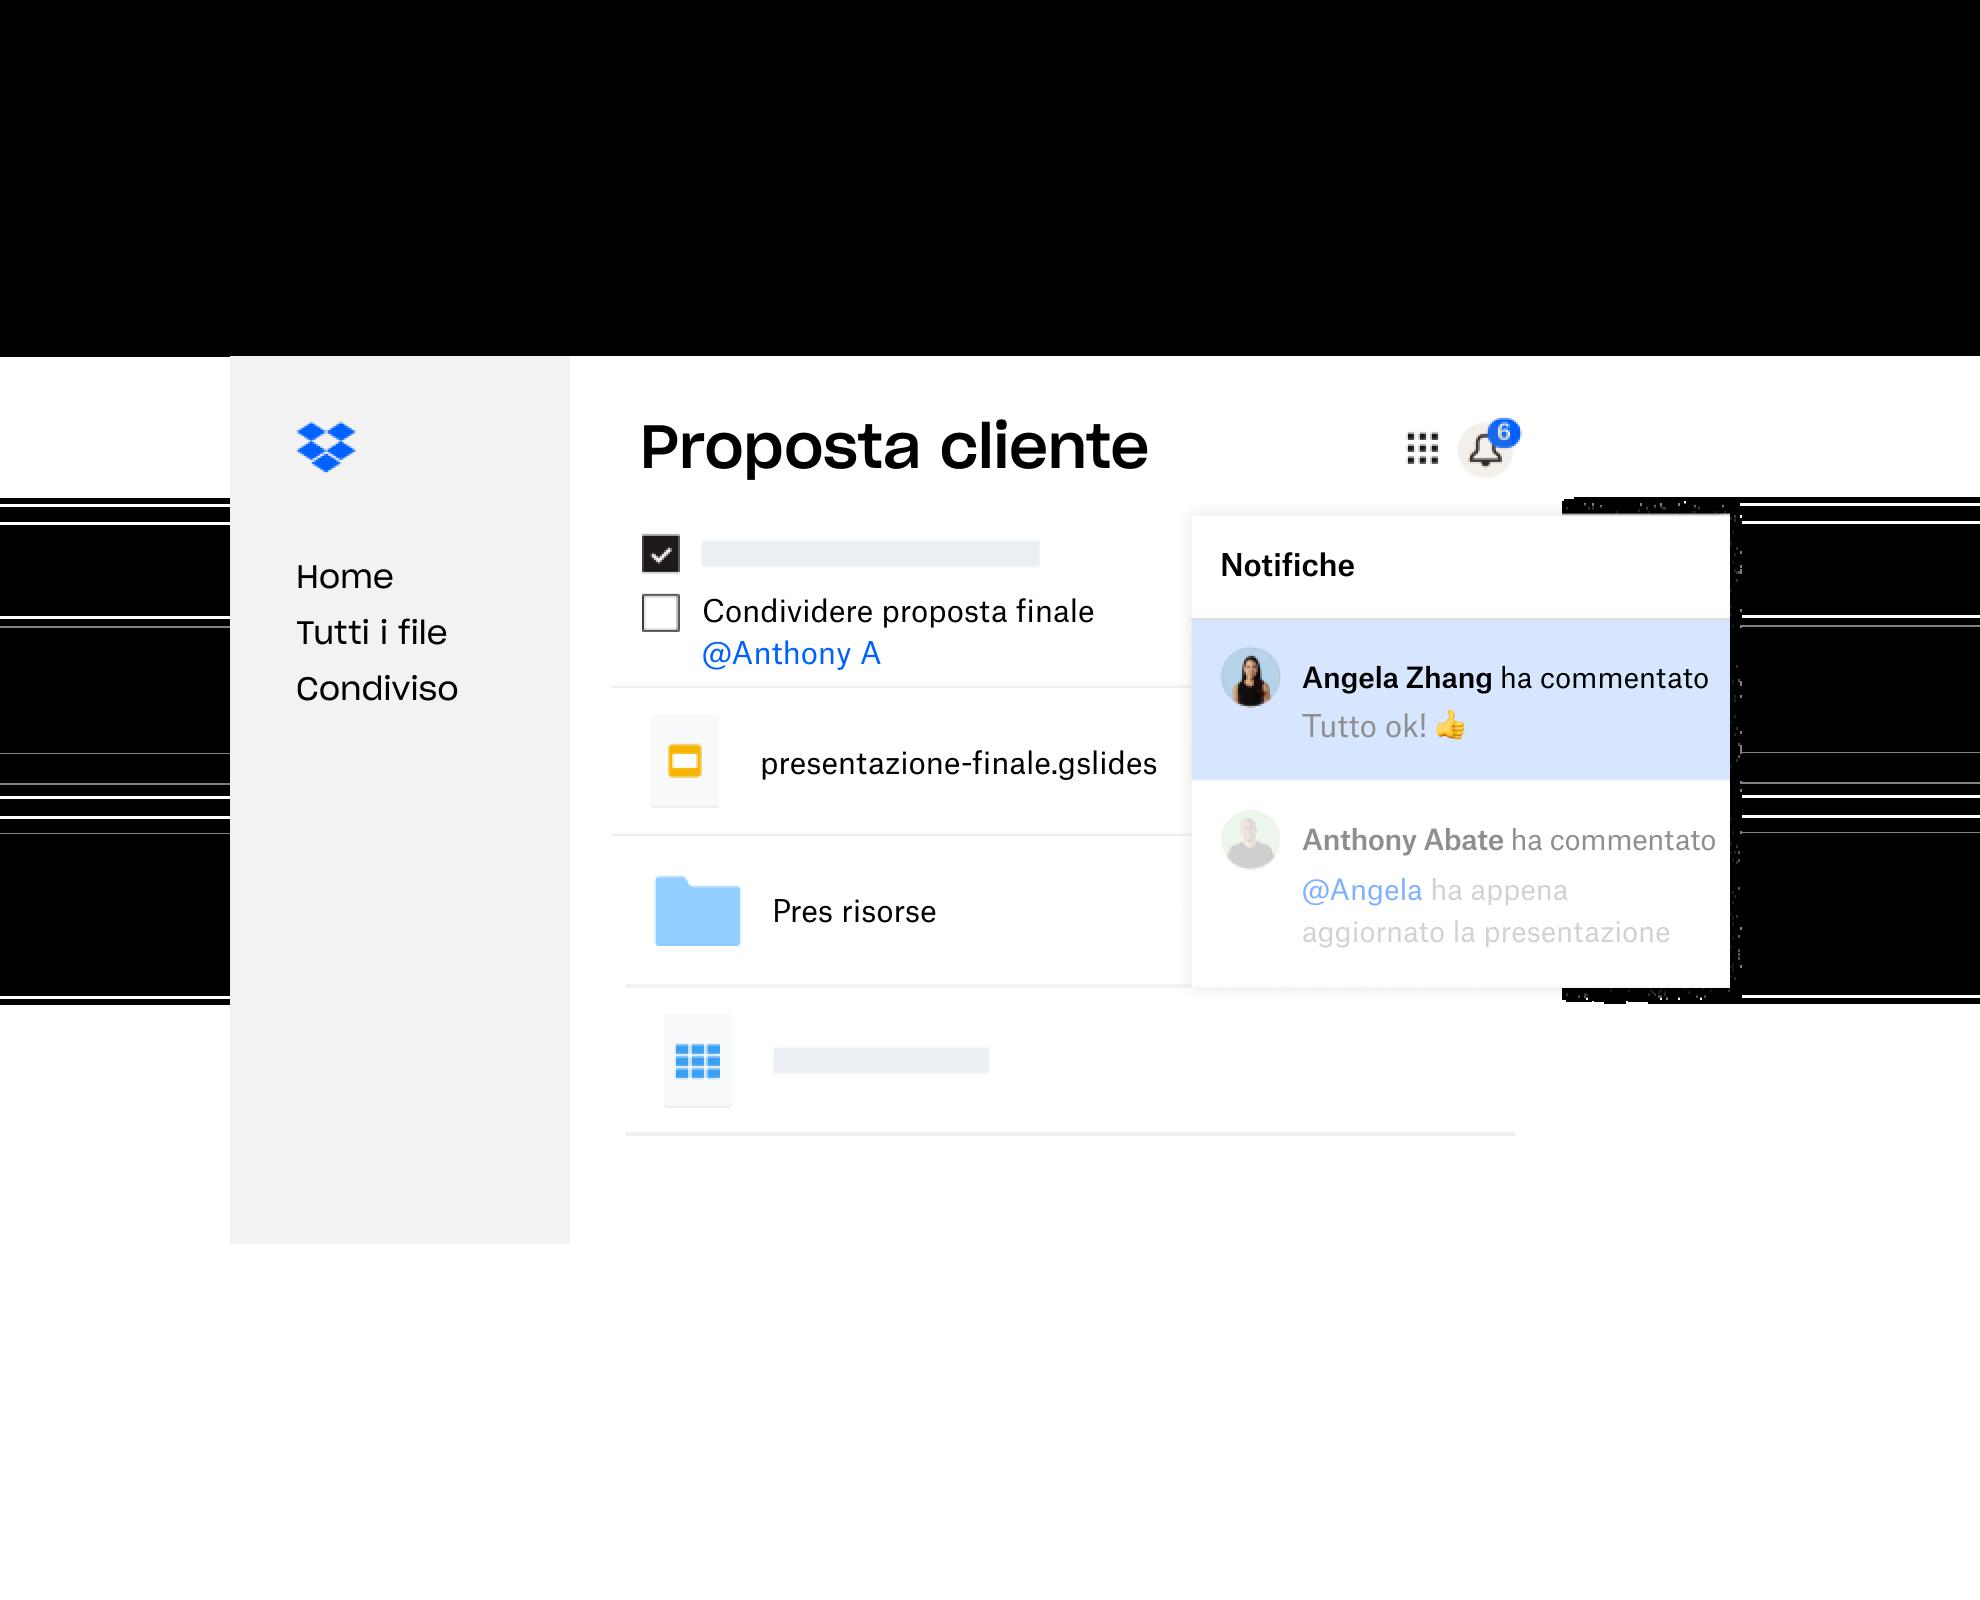 Una proposta per un cliente creata in Dropbox è stata condivisa con diversi utenti che hanno lasciato un feedback